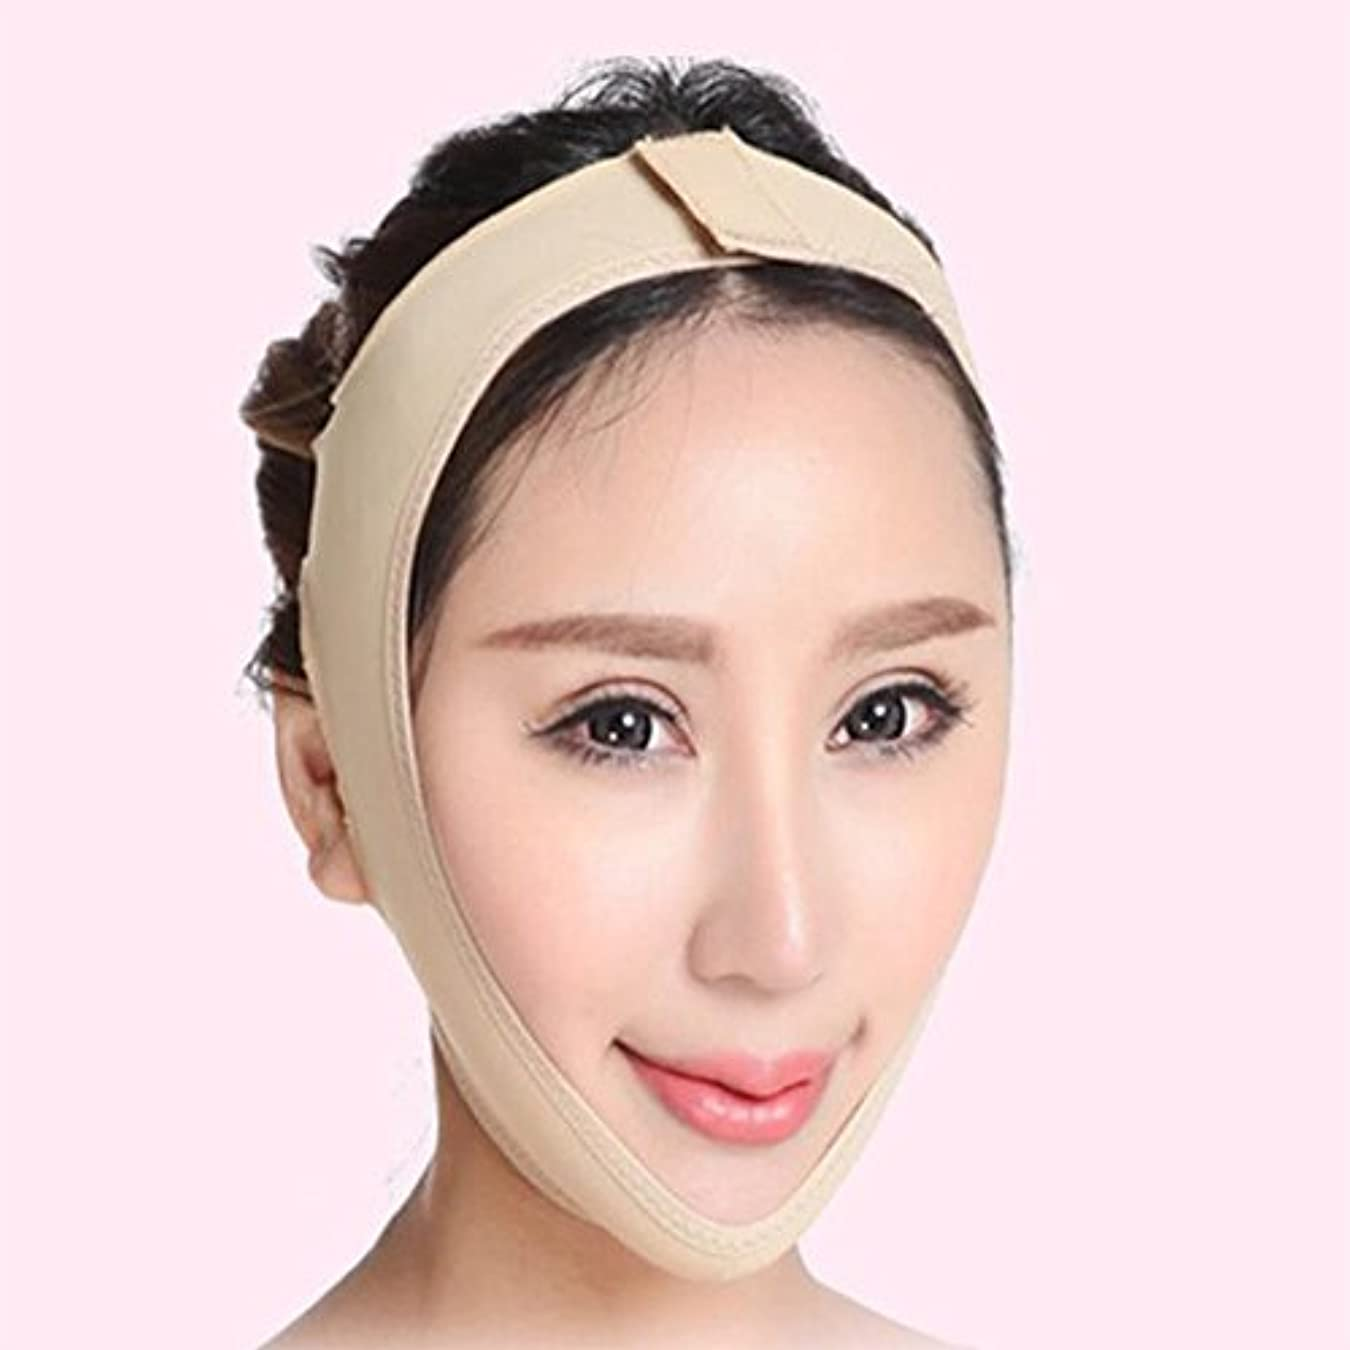 架空の面倒早熟SD 小顔 小顔マスク リフトアップ マスク フェイスライン 矯正 あご シャープ メンズ レディース XLサイズ AZD15003-XL